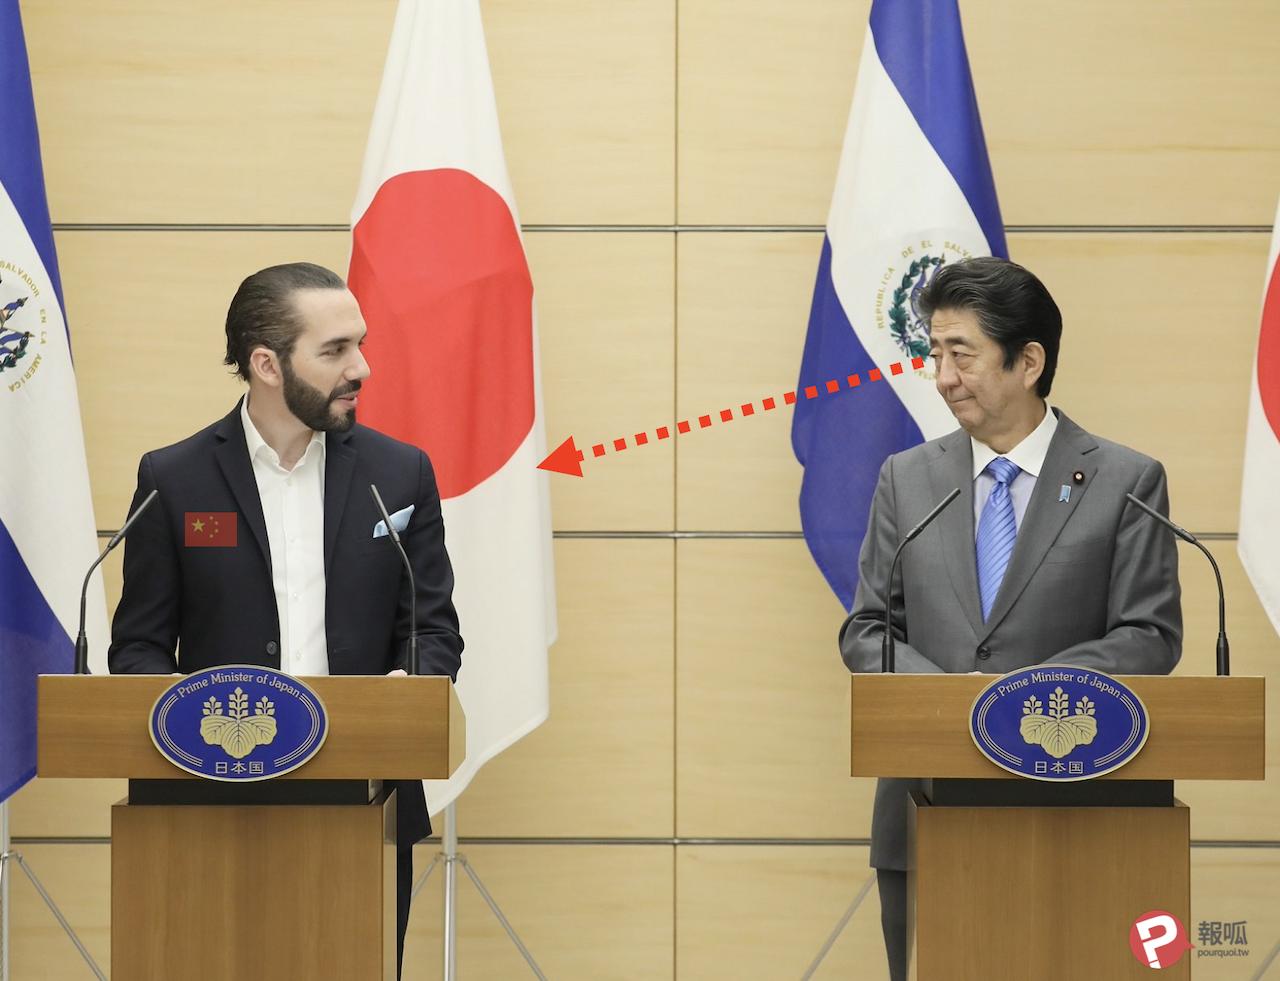 日本首相安倍晉三訪問薩爾瓦多新任總統布格磊_(圖/日本首相官邸/報呱再製)